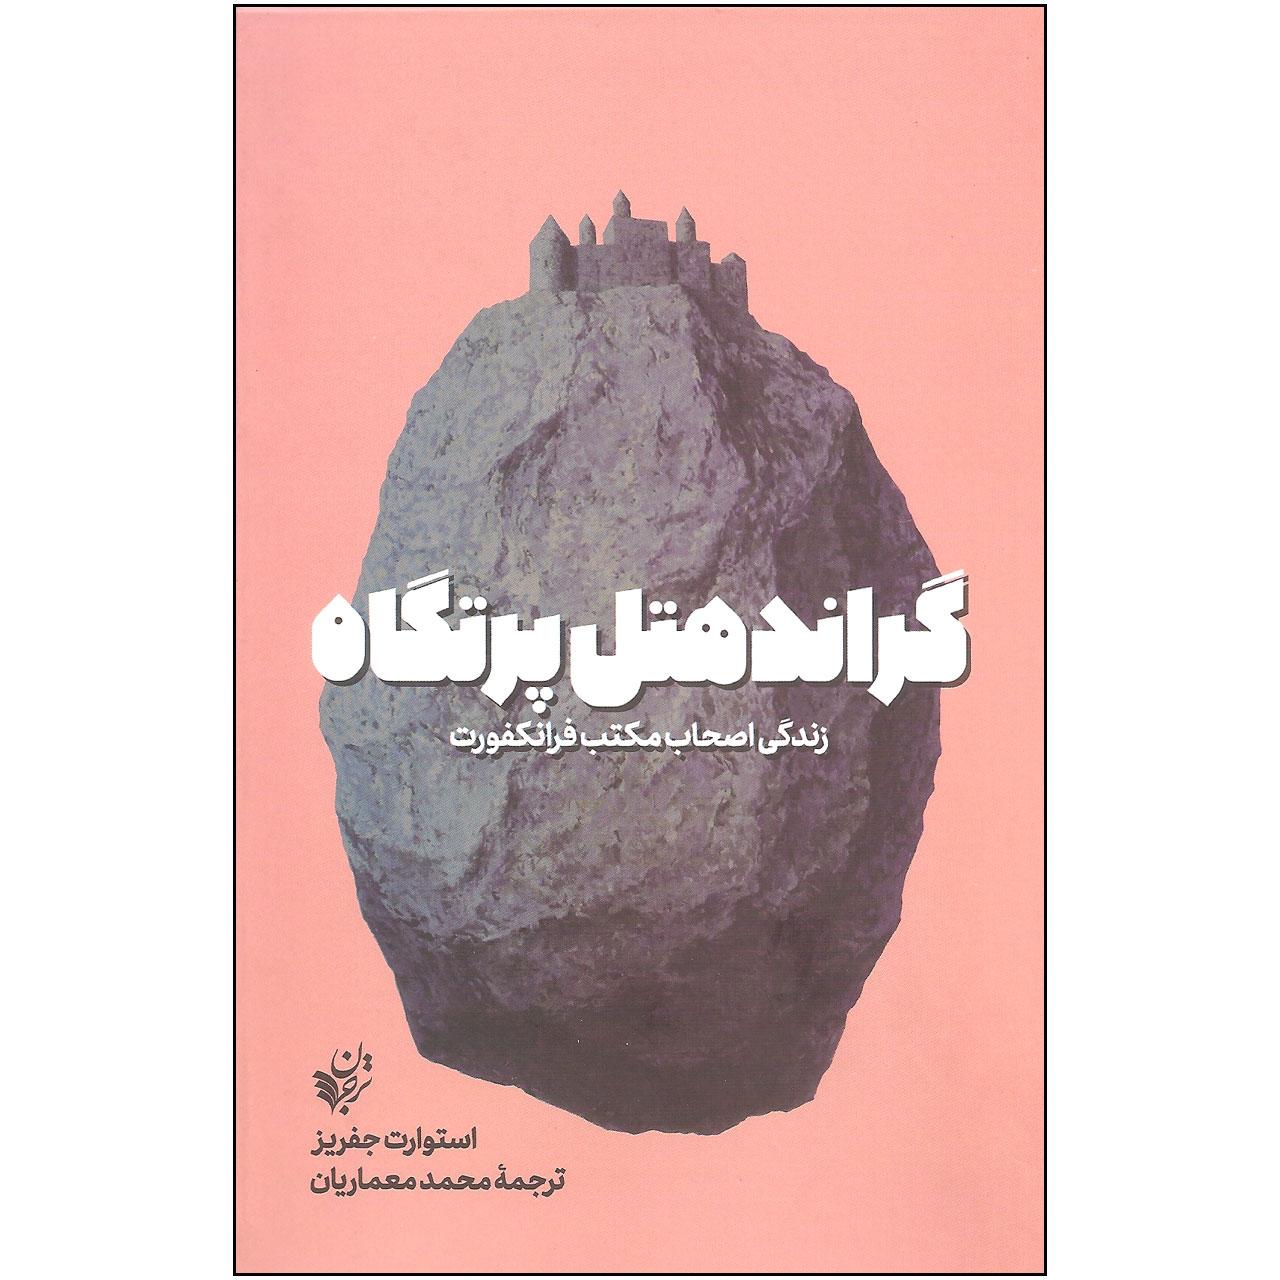 کتاب گراند هتل پرتگاه اثر استوارت جفریز انتشارات ترجمان